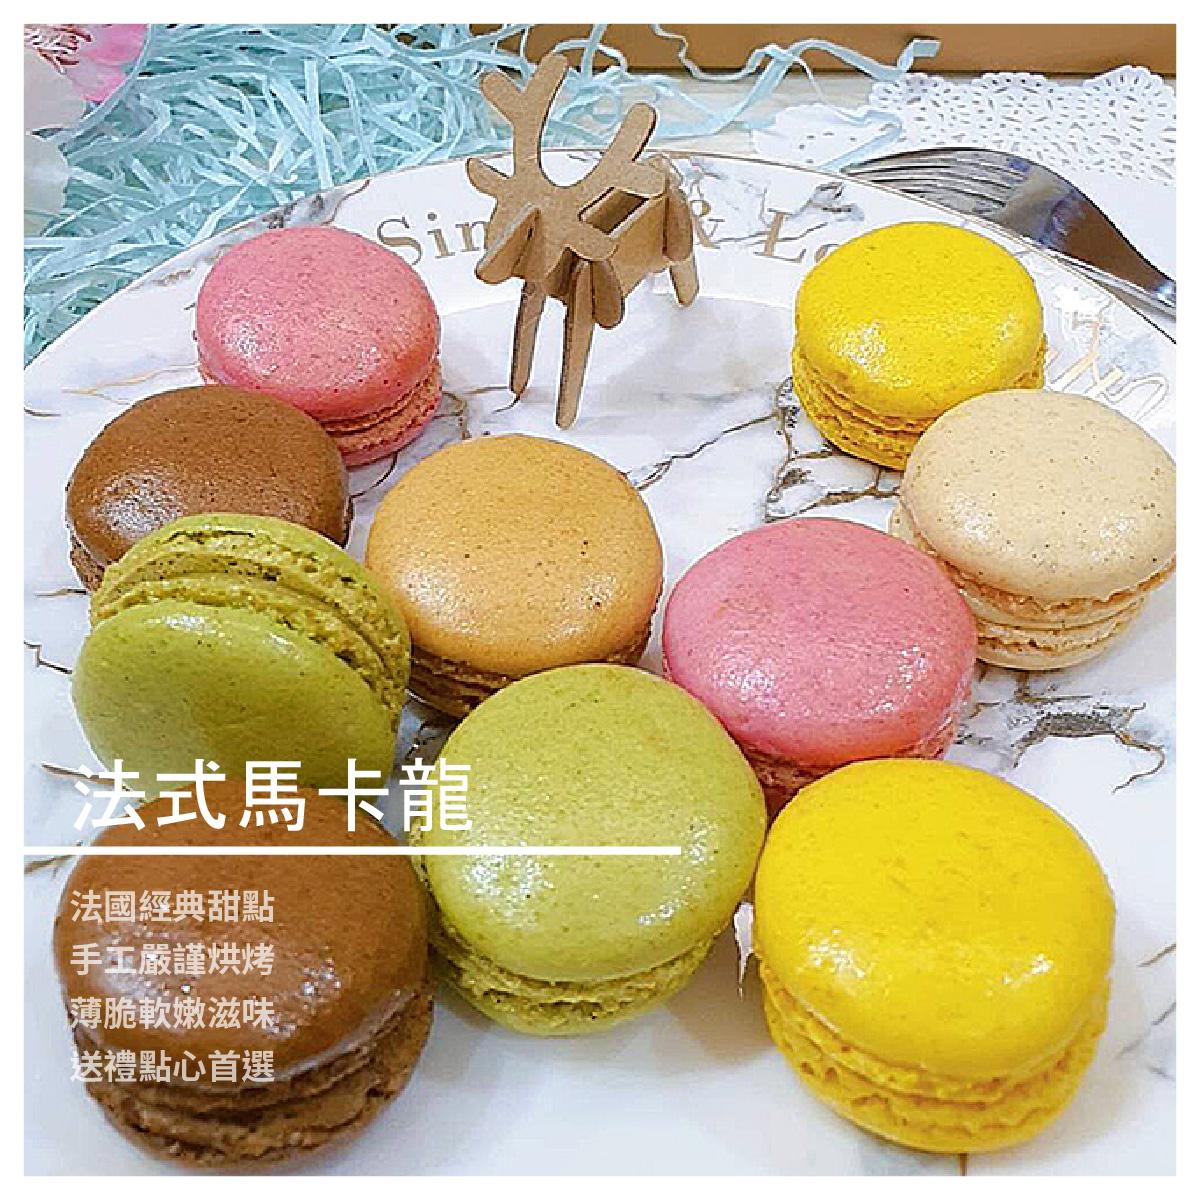 【朵藏_cake donuts】法式馬卡龍/綜合6入裝